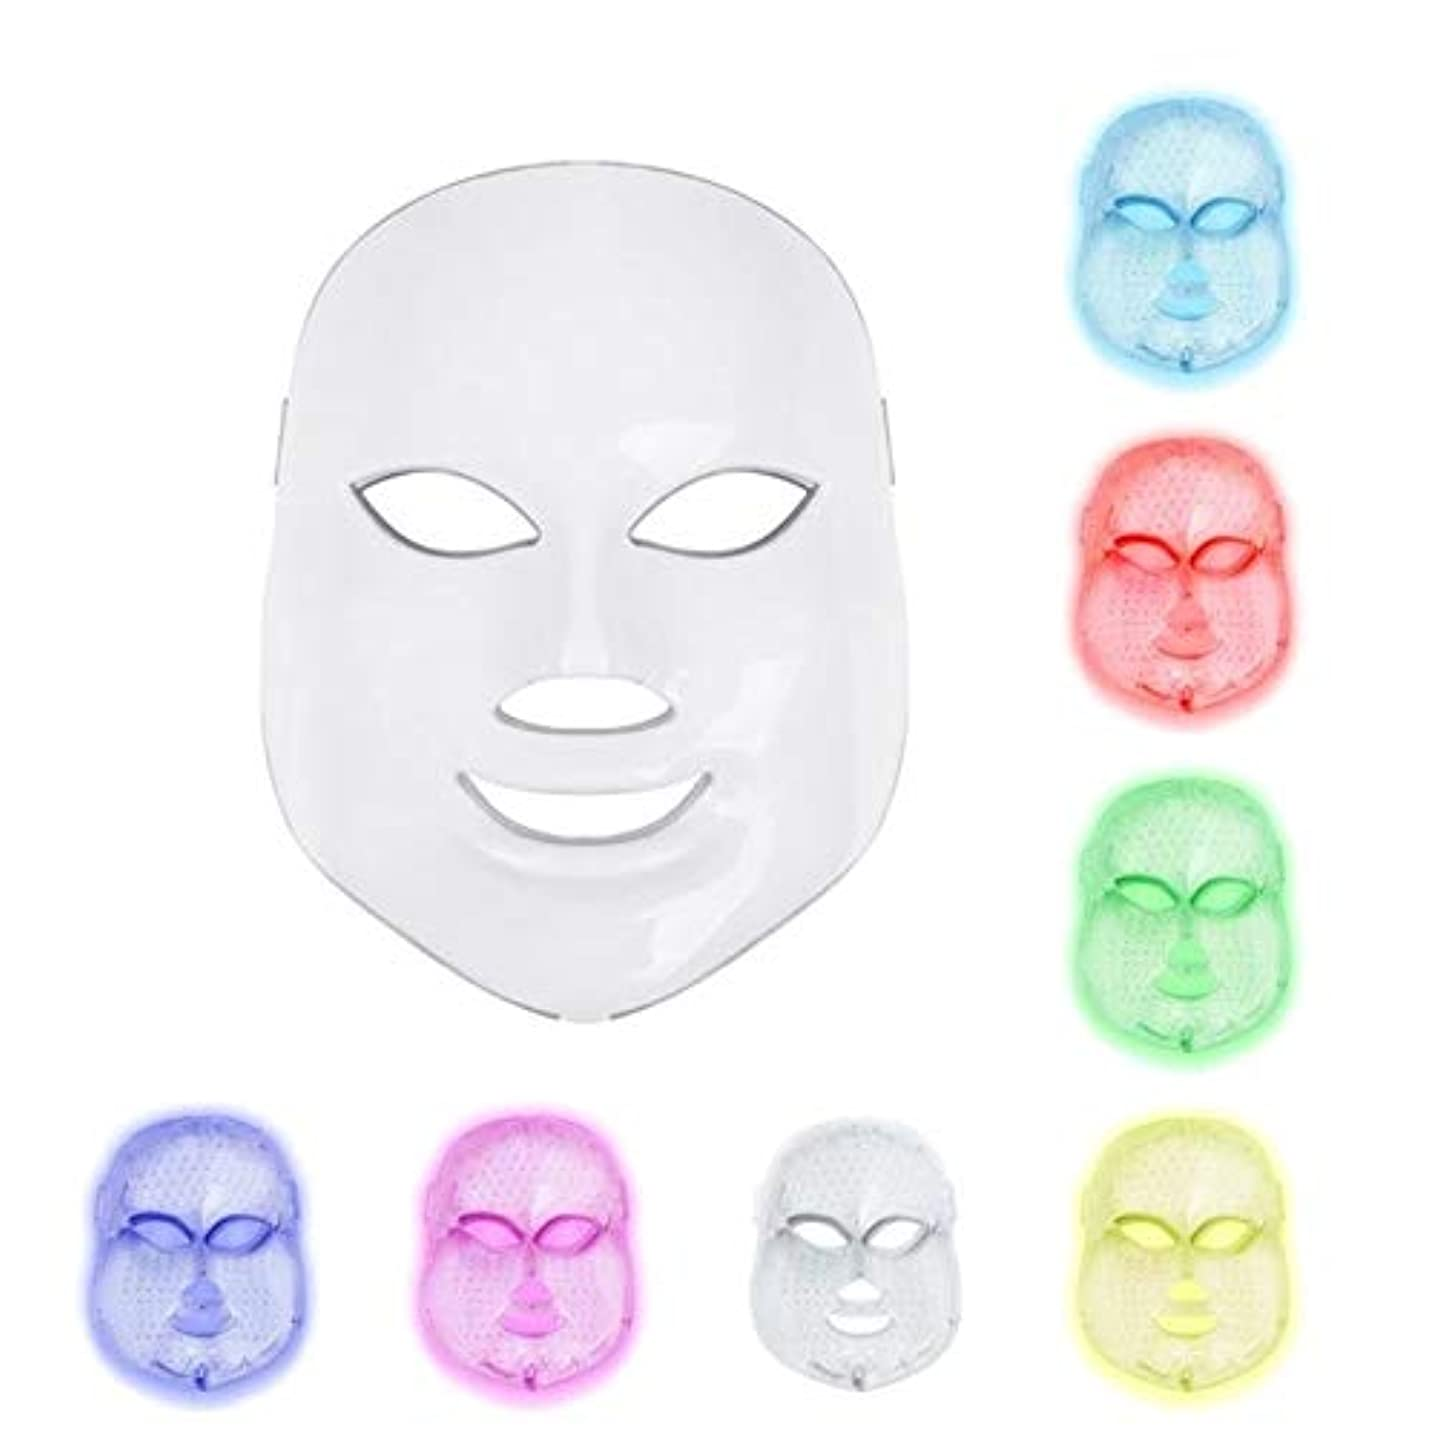 革新返還とてもLed光子療法7色光治療肌の若返りにきびスポットしわホワイトニング美顔術デイリースキンケアマスク